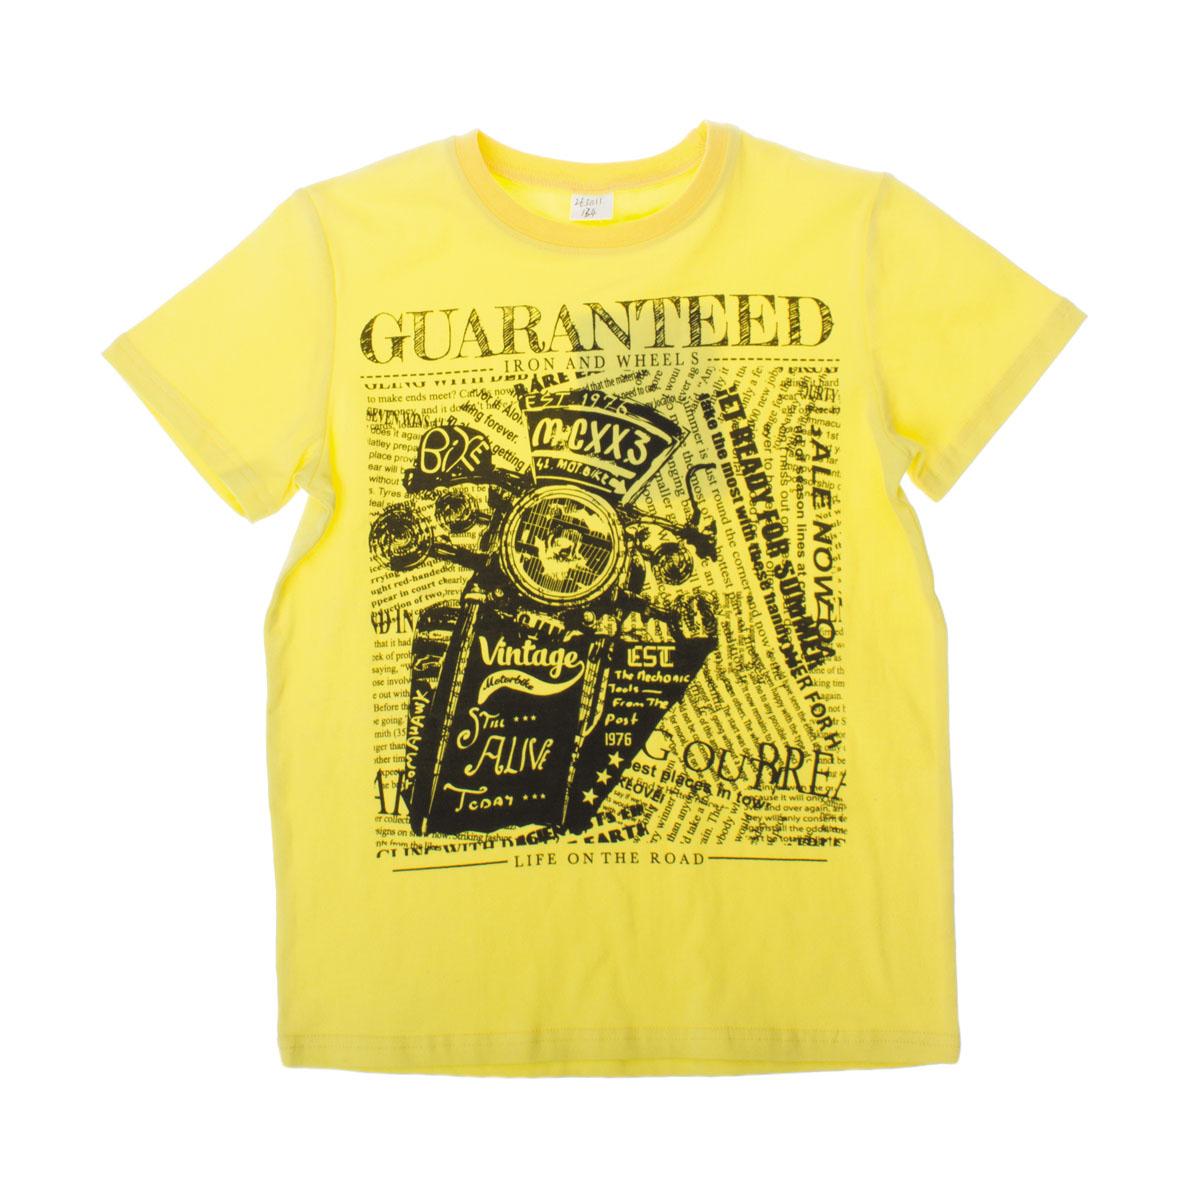 263011Яркая хлопковая футболка лимонно-лаймового цвета. Украшена крупным водным принтом с мотоциклом. Воротник на мягкой резинке.